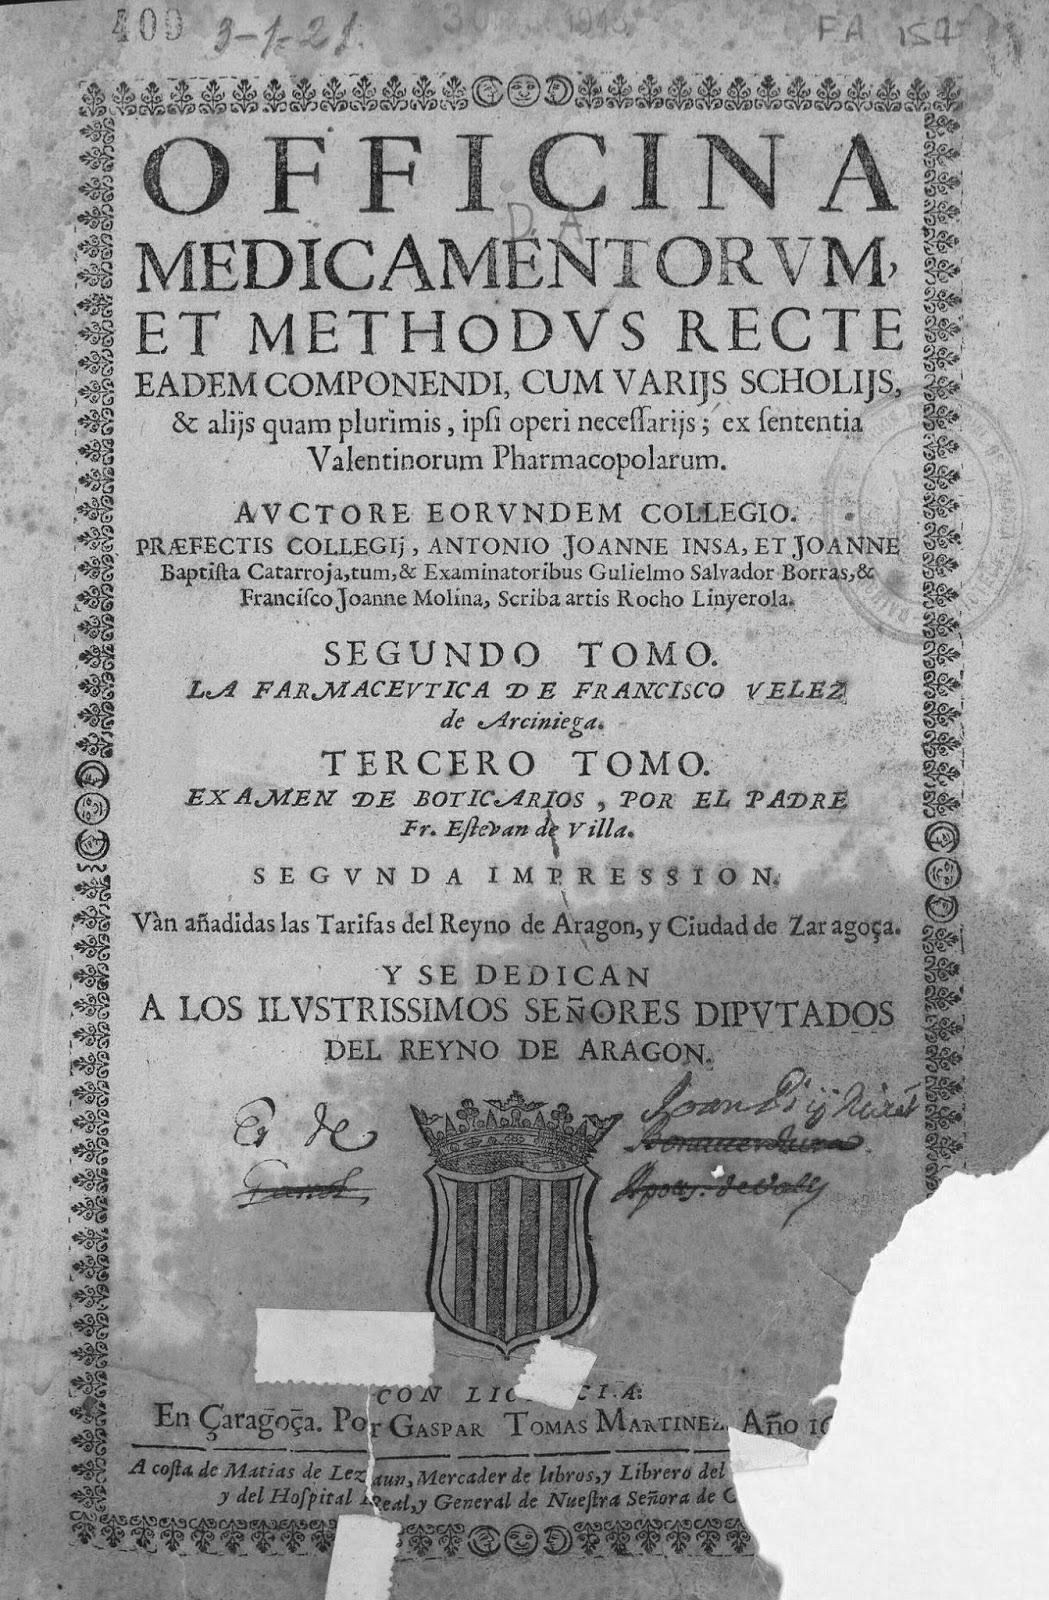 Officina Medicamentorum-Biblioteca Virtual de la Diputación de Zaragoza